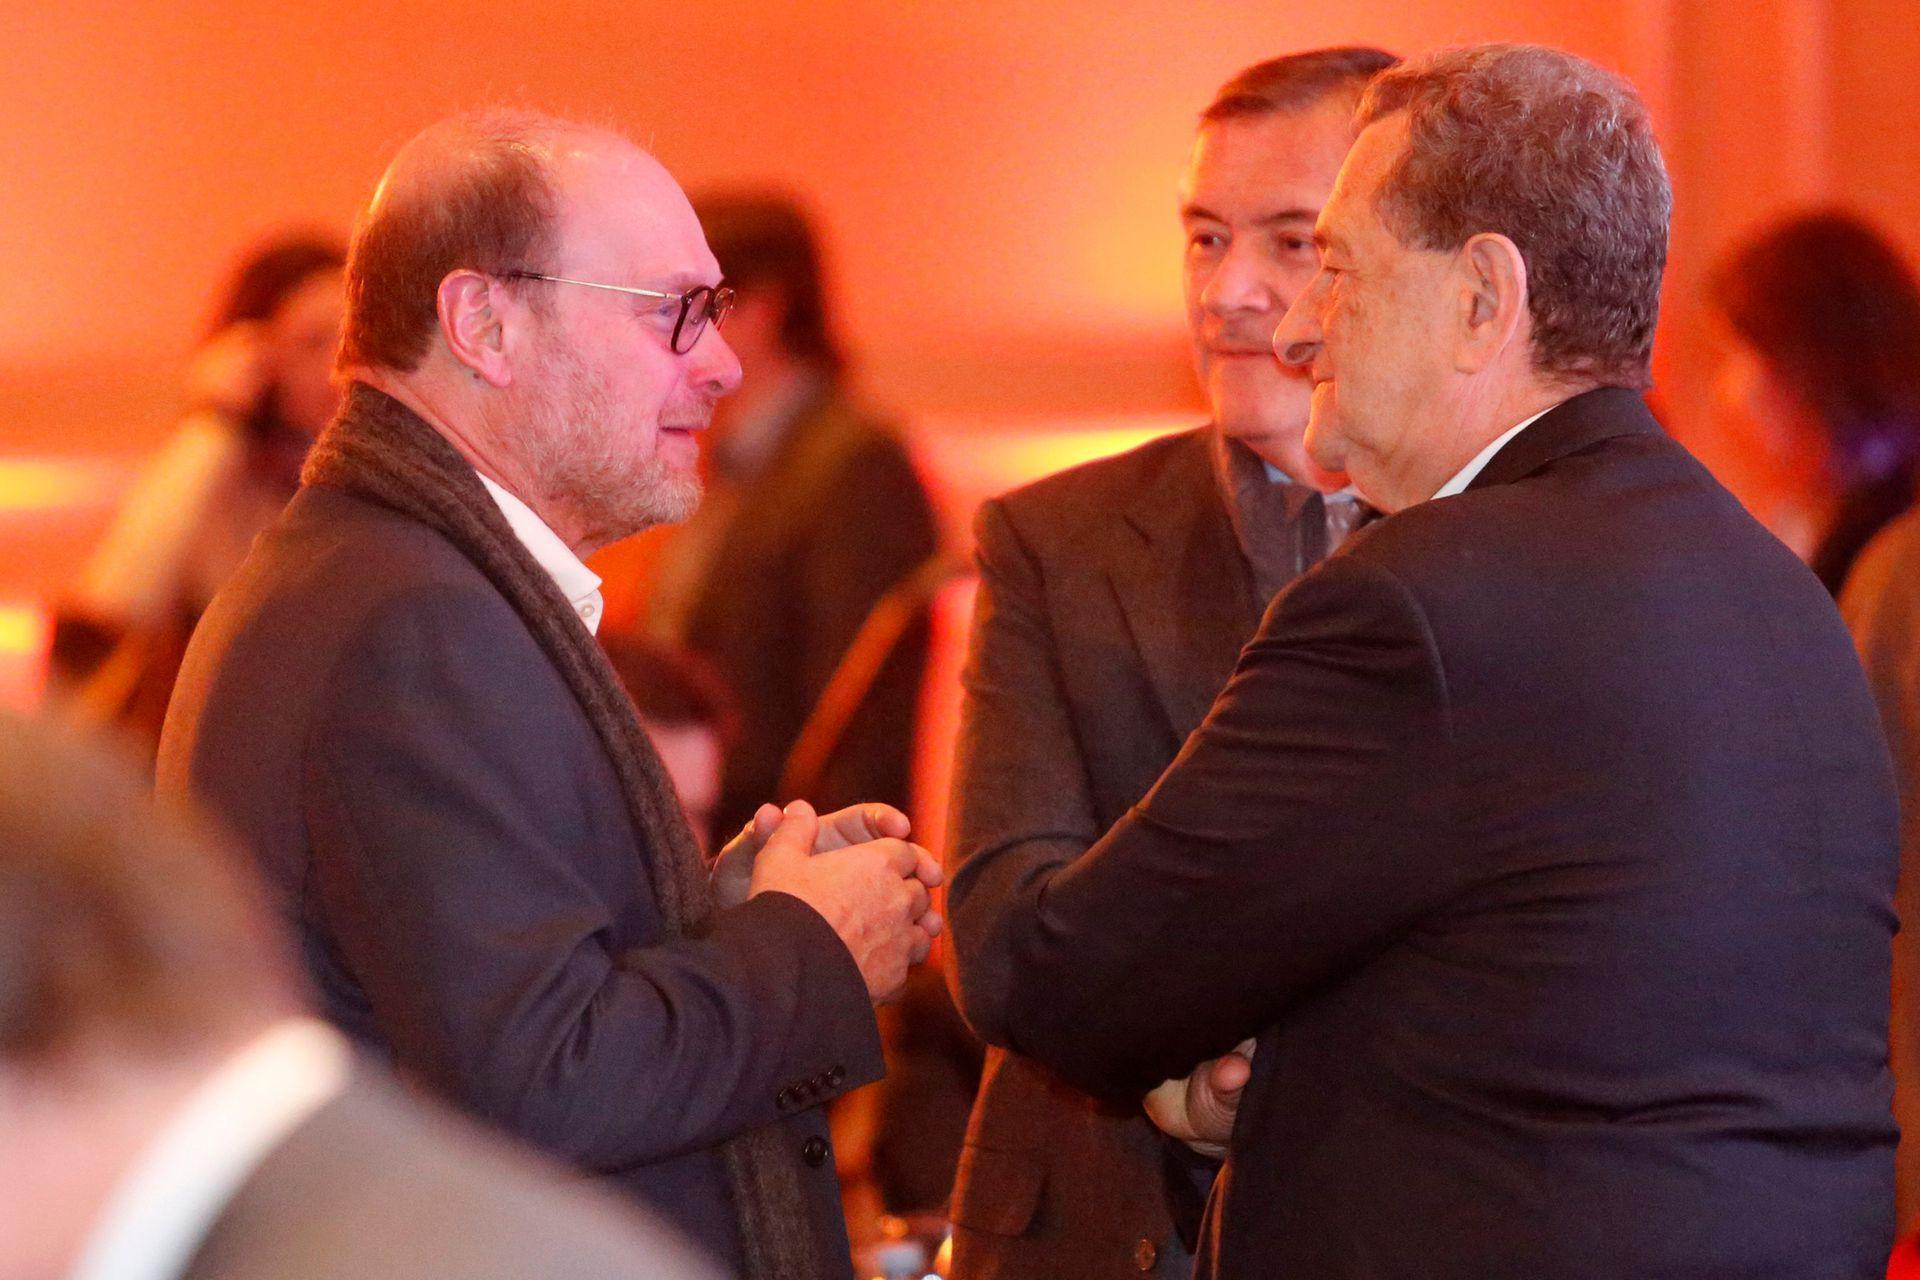 Gustavo Grobocopatel, titular del grupo Los Grobo, junto al economista Bernardo Kosacoff